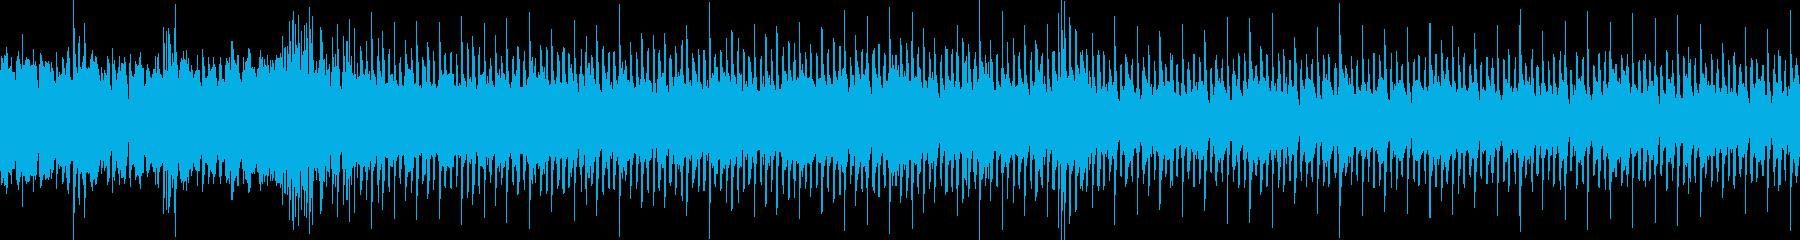 短めのRock戦闘曲の再生済みの波形